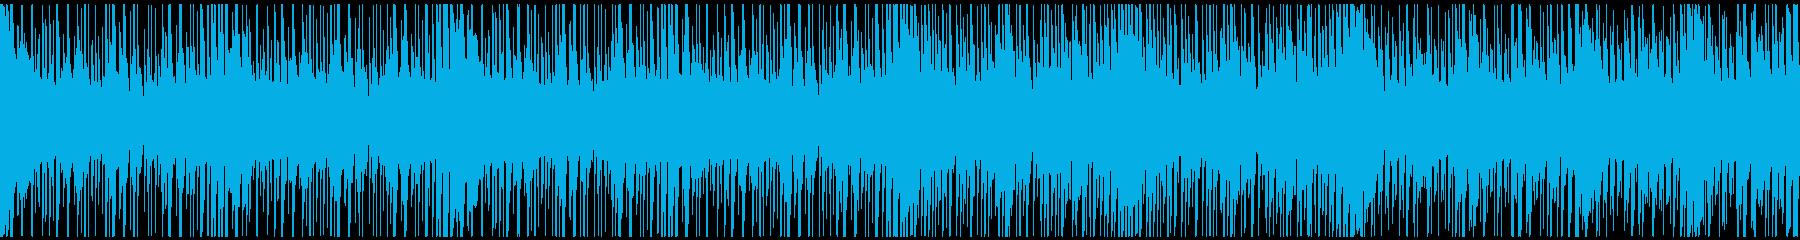 和太鼓ビート 三味線 殺陣 立廻りの再生済みの波形